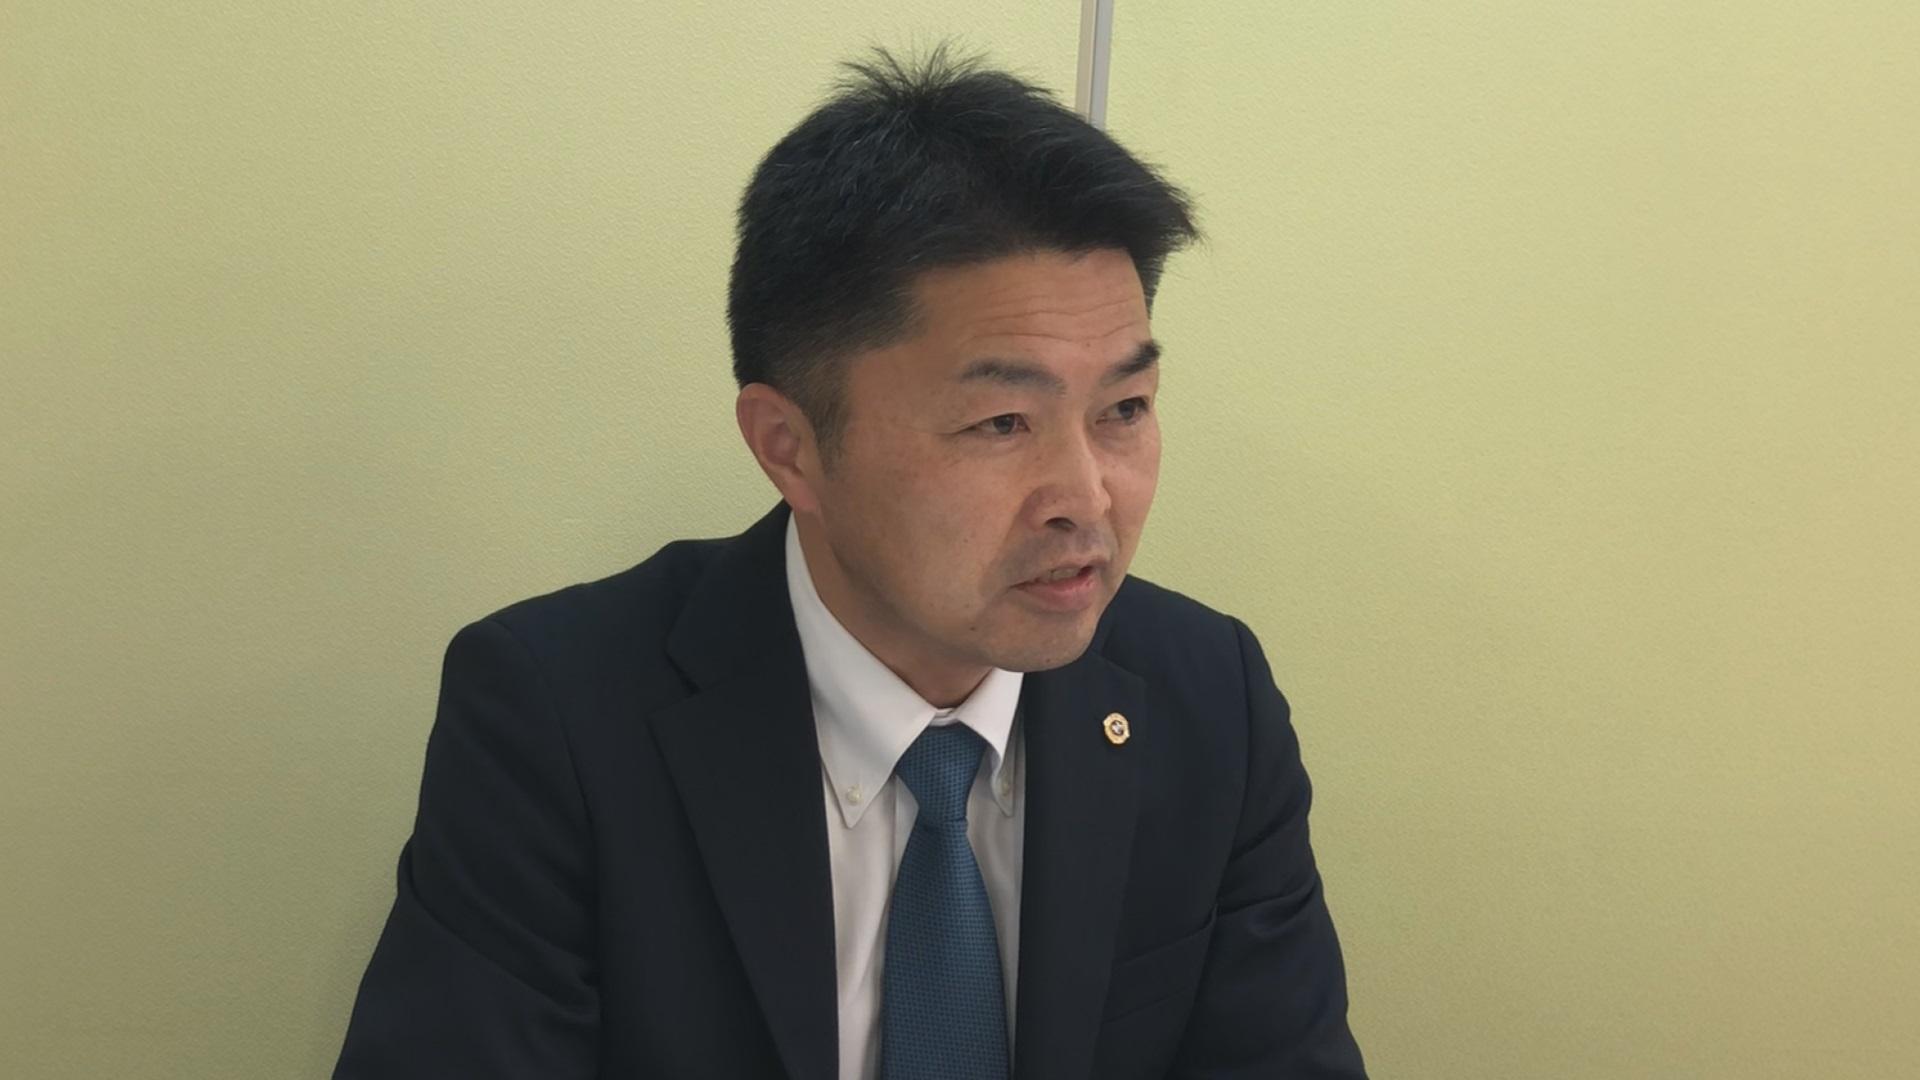 保険代理店 株式会社菅野自動車 菅野潔さん